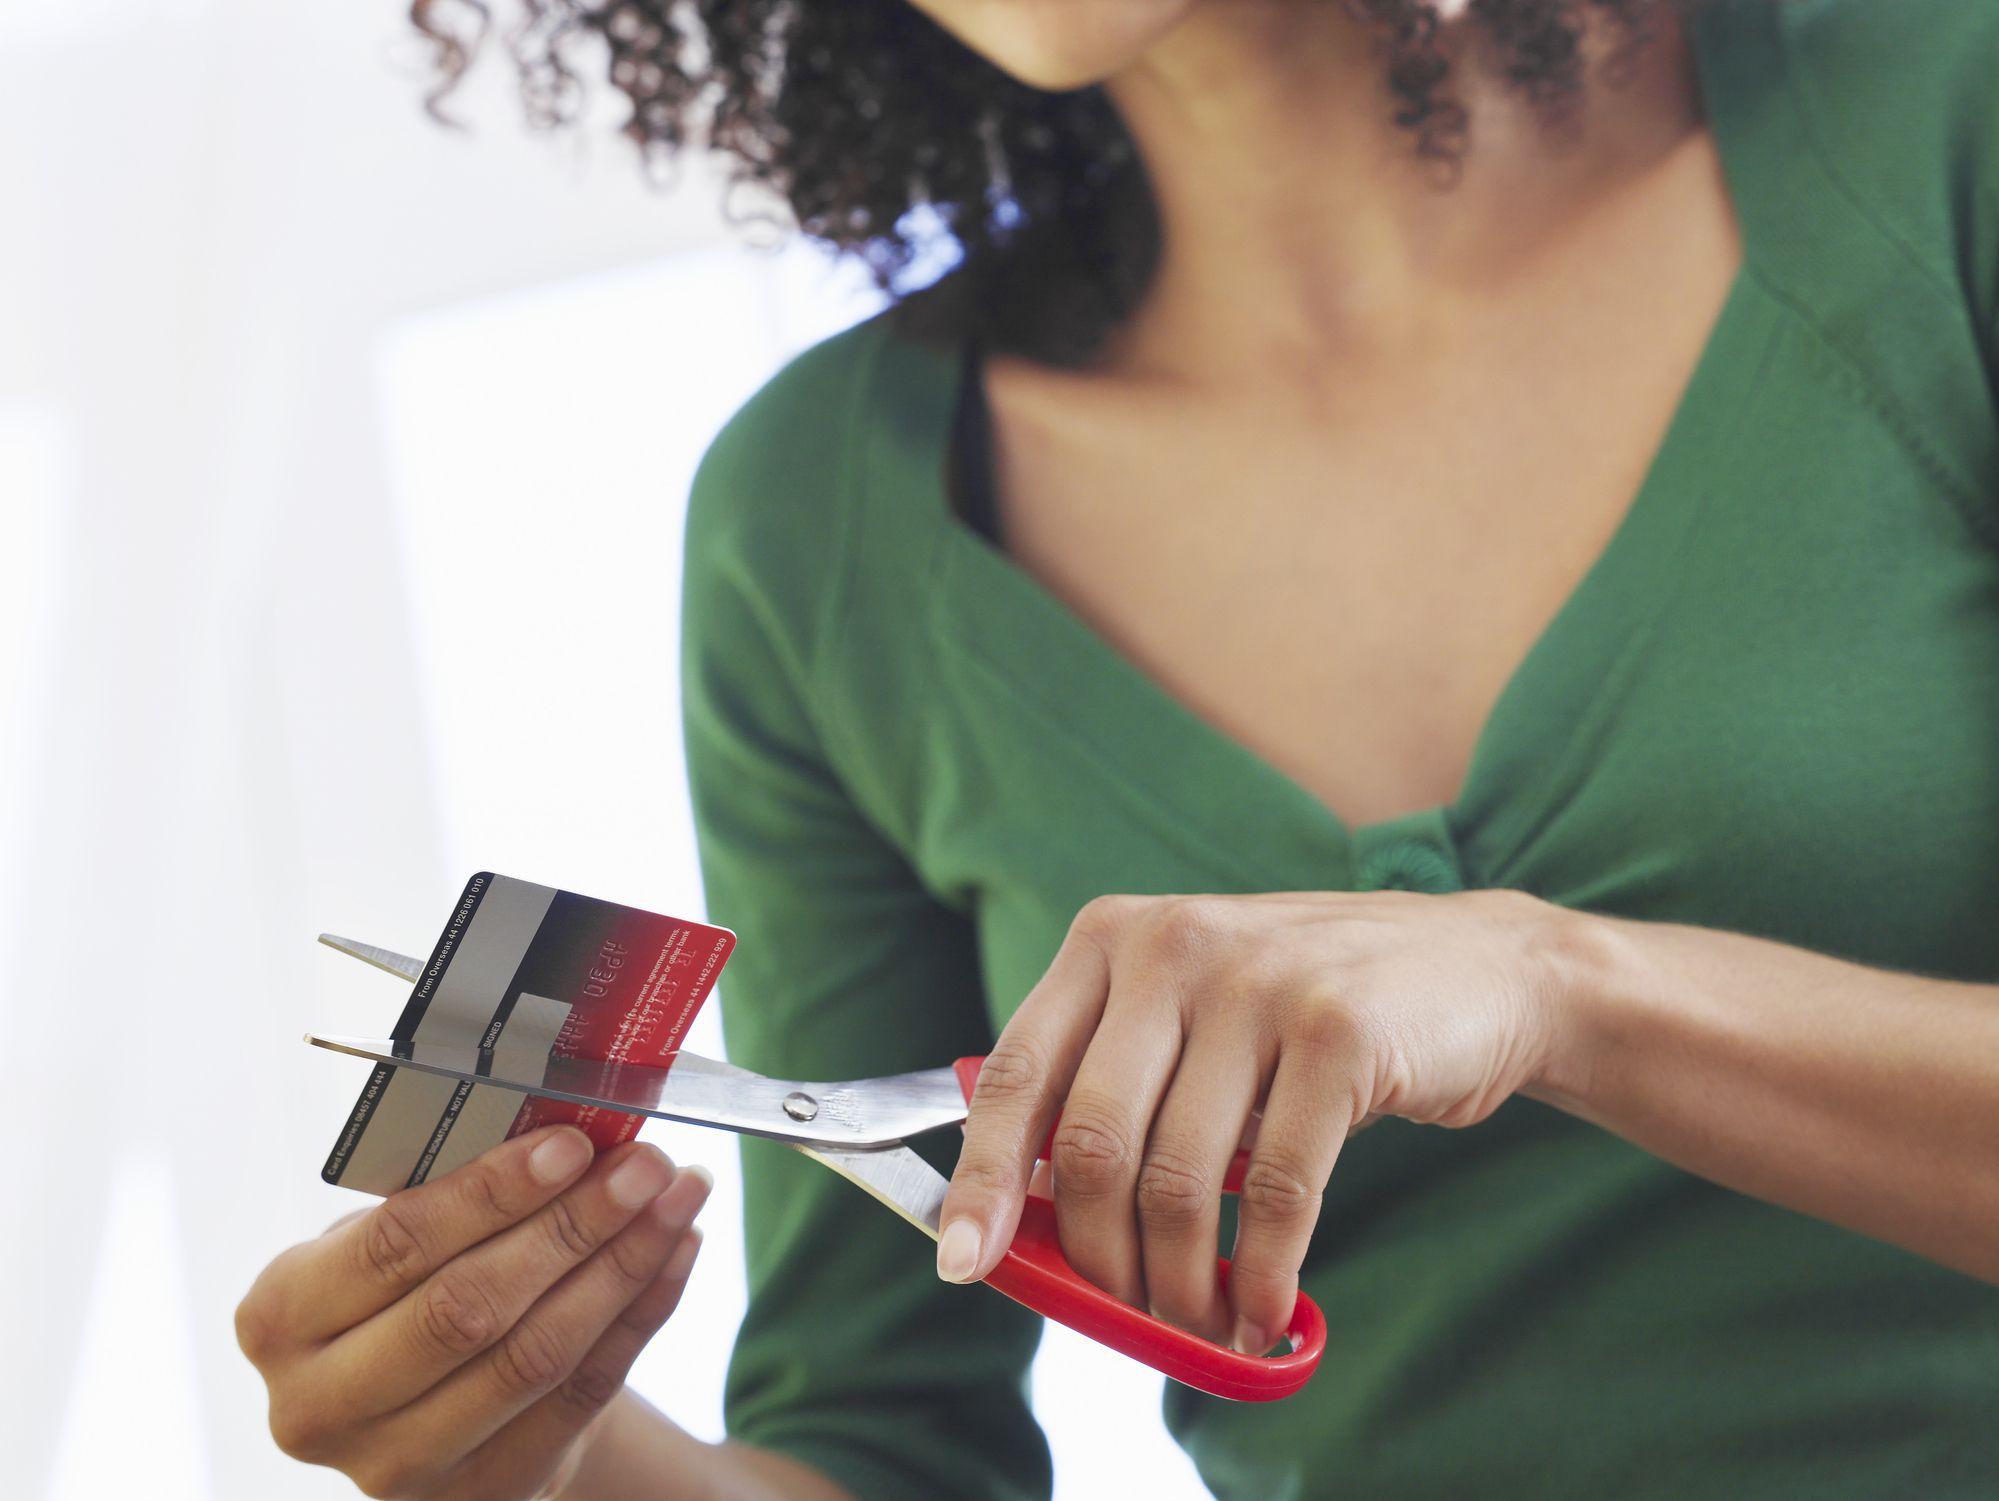 padrão de vida: mulher cortando cartão de crédito